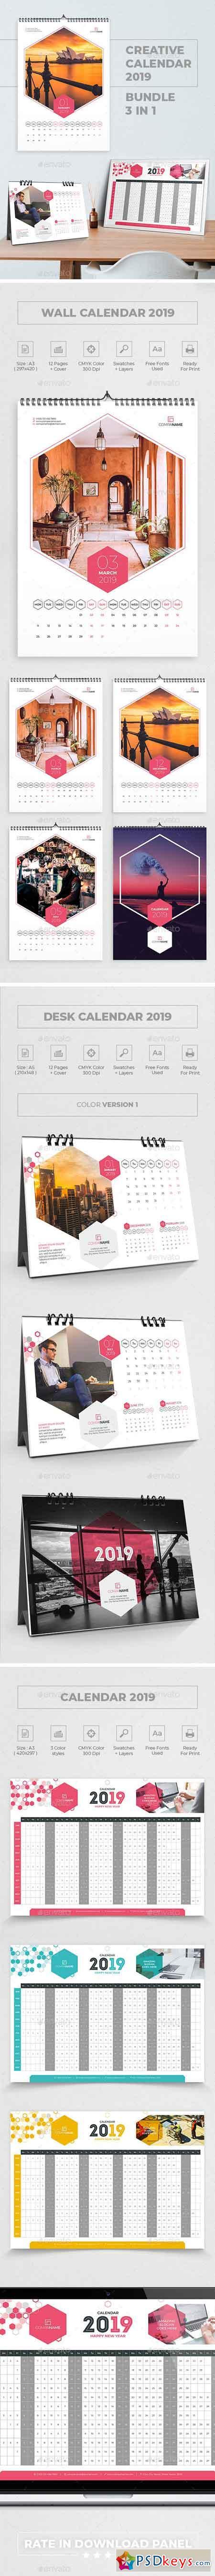 Creative Calendar 2019 Bundle 3 in 1 23011737